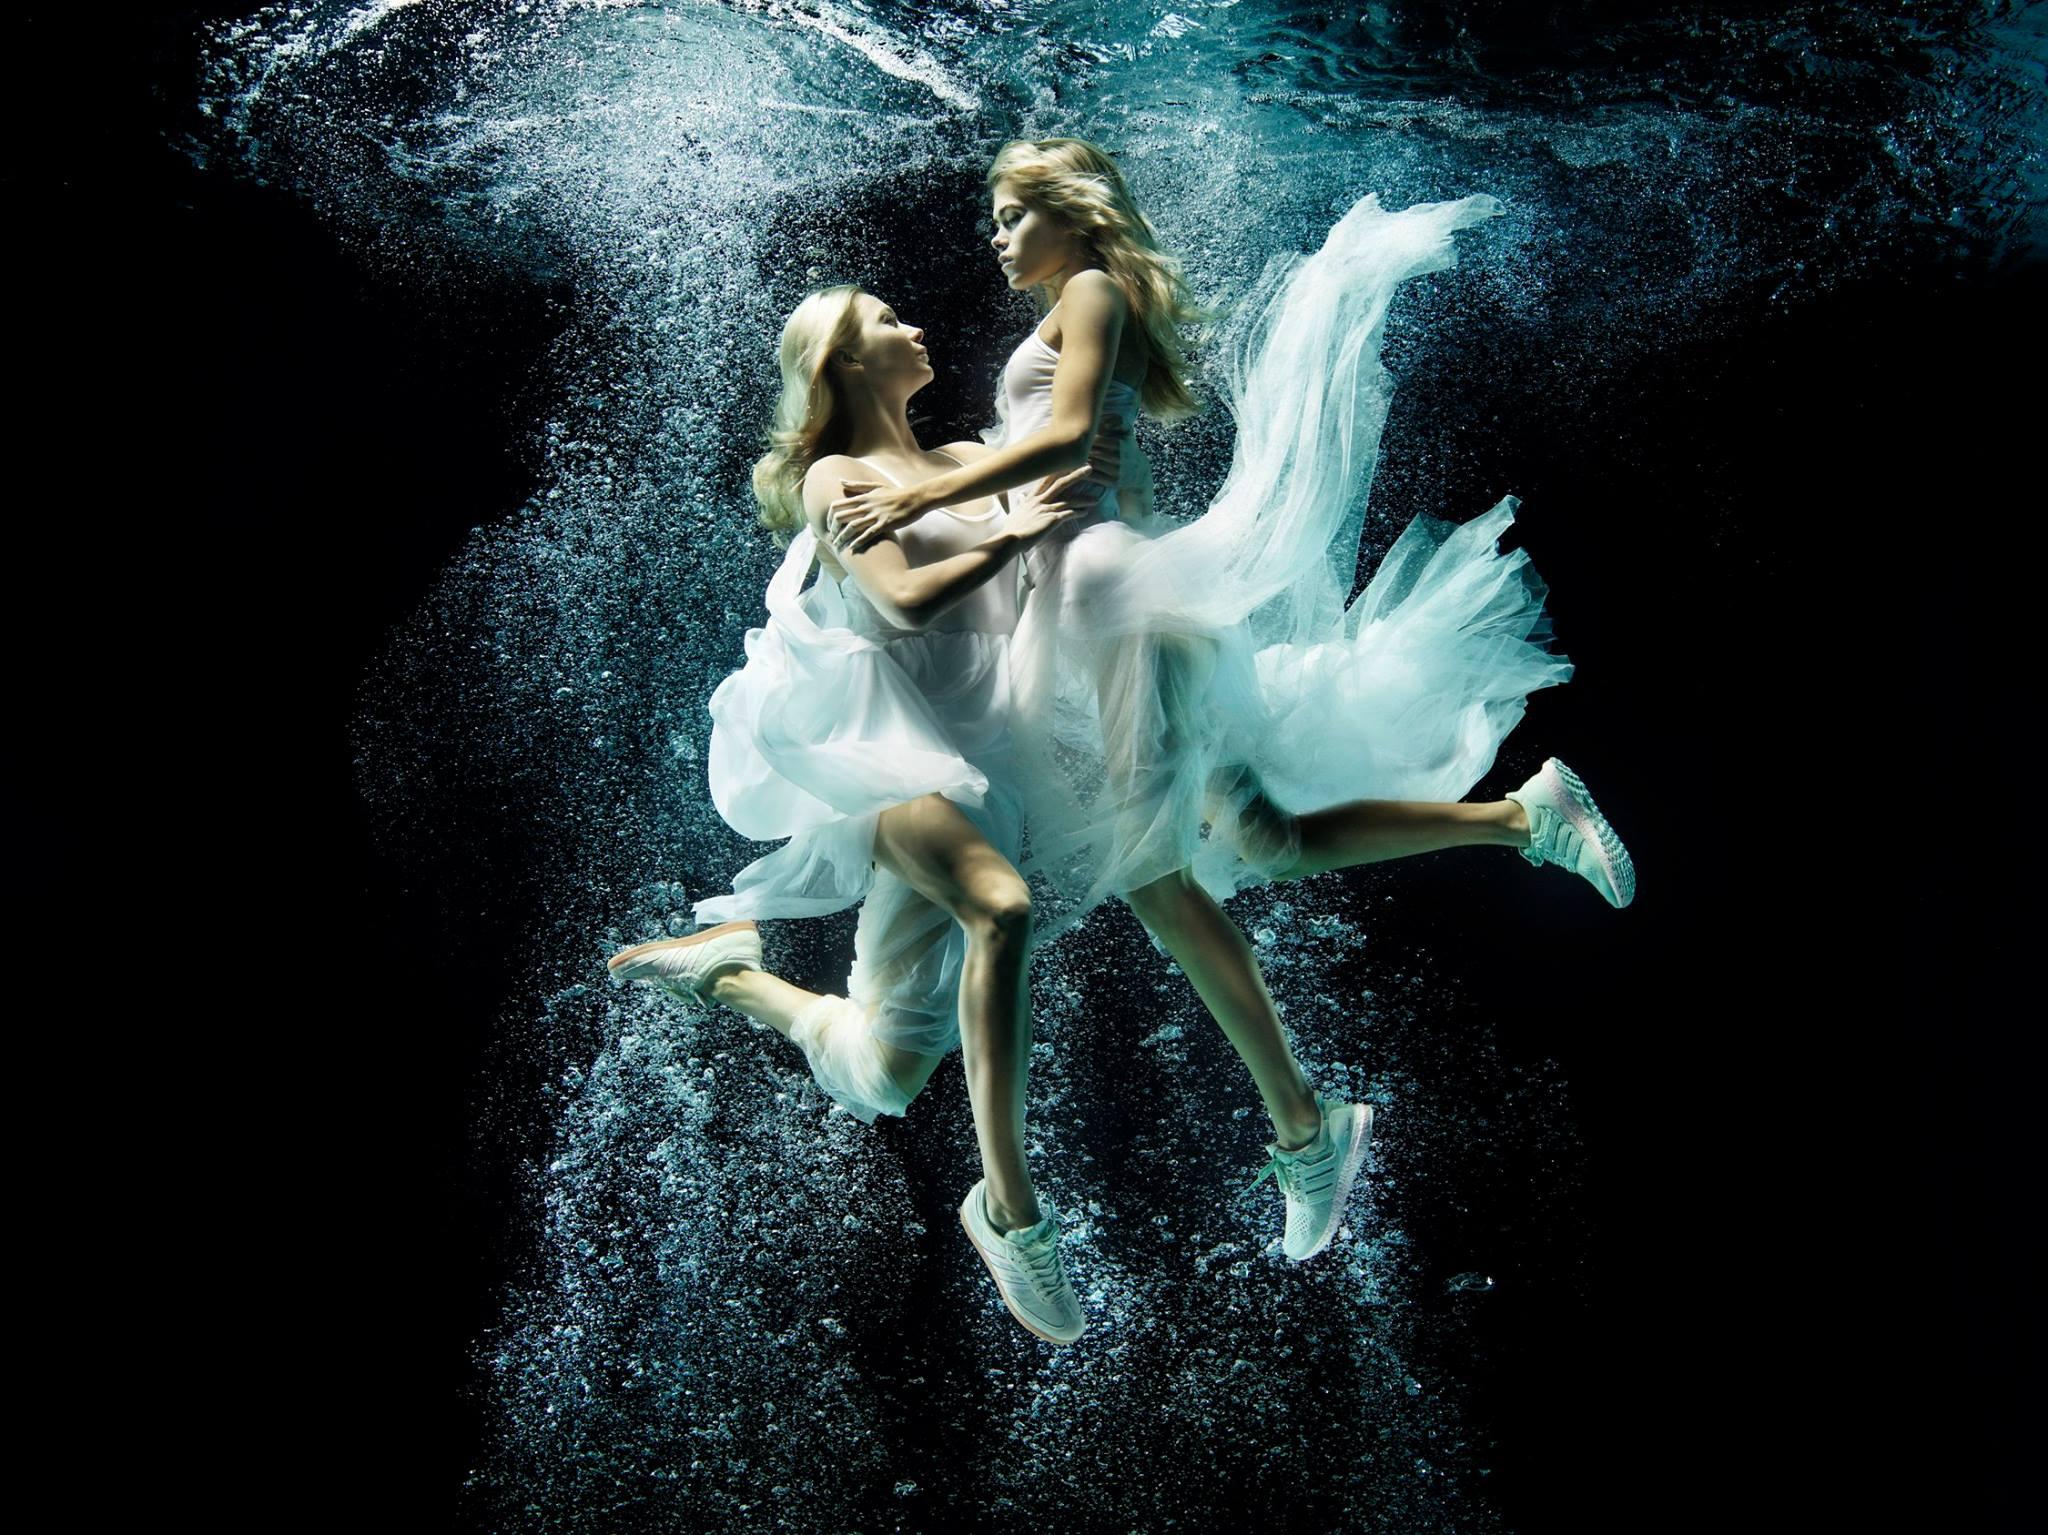 Mit arbejde med undervands foto!